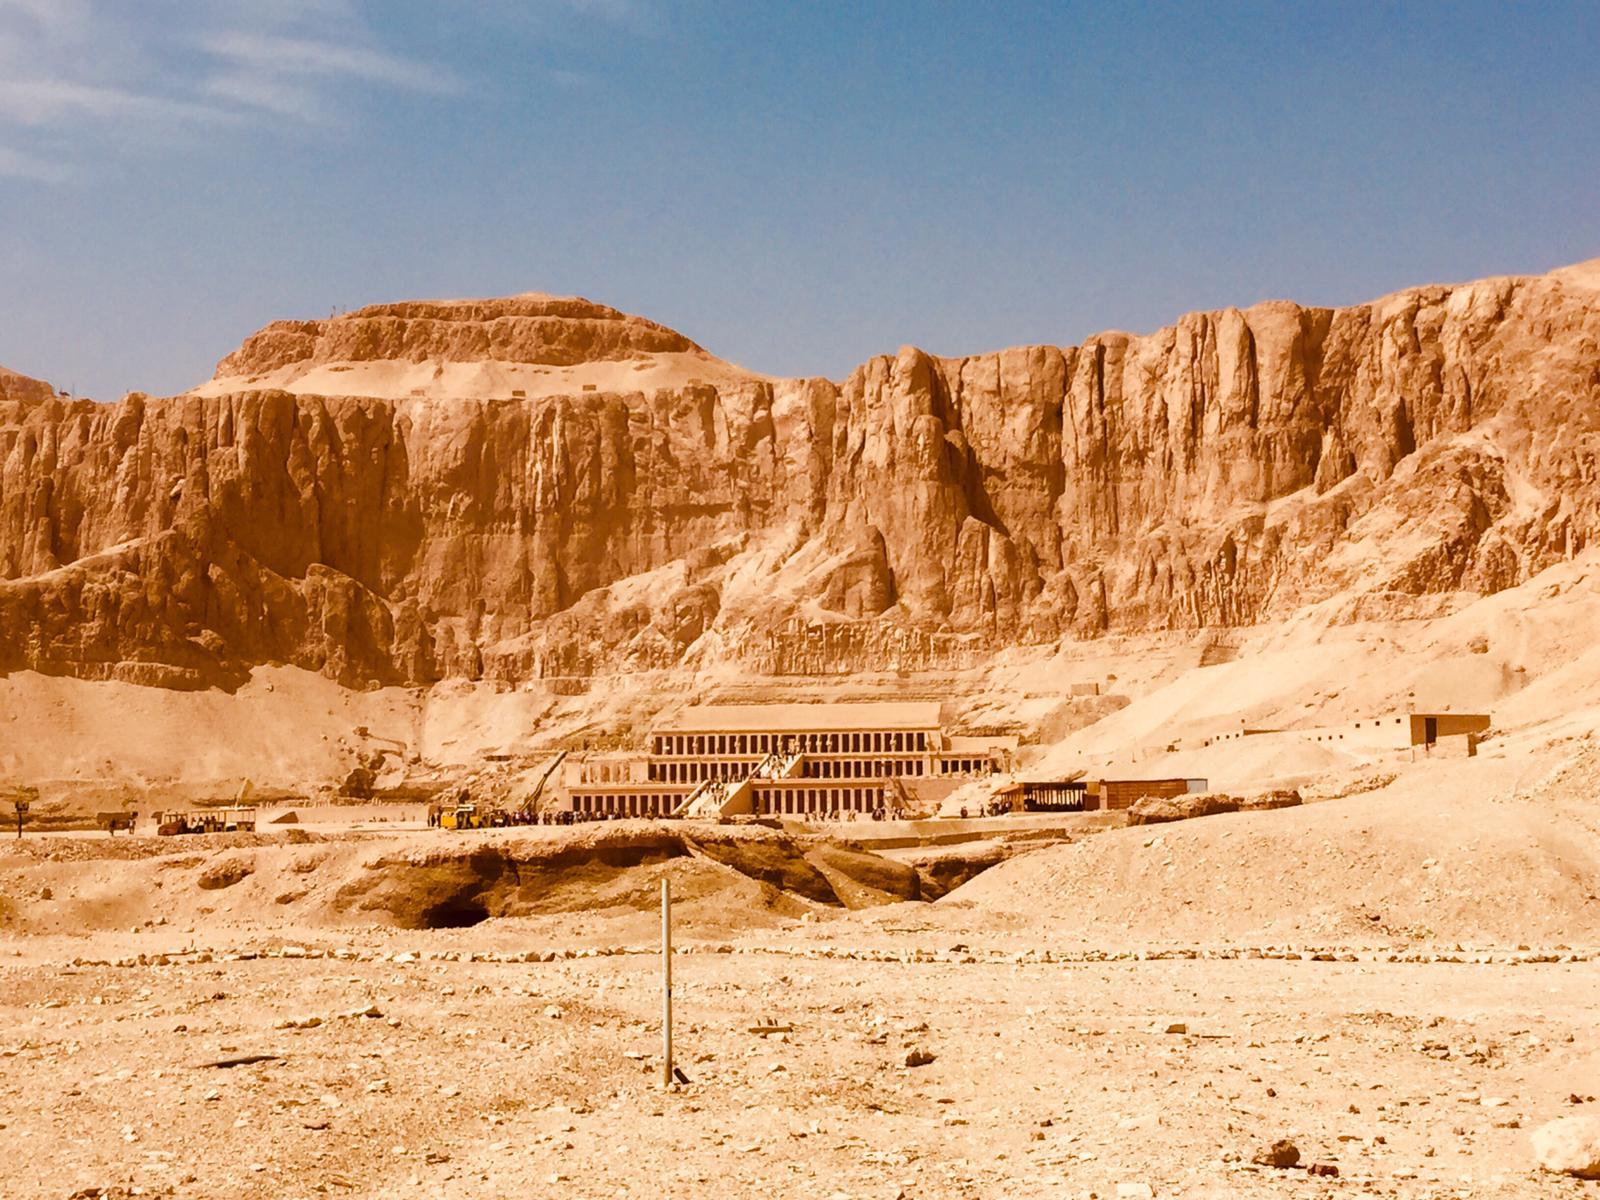 Tagesausflug nach Luxor mit dem Bus ab Makadi Bay/Sahl Hasheesh